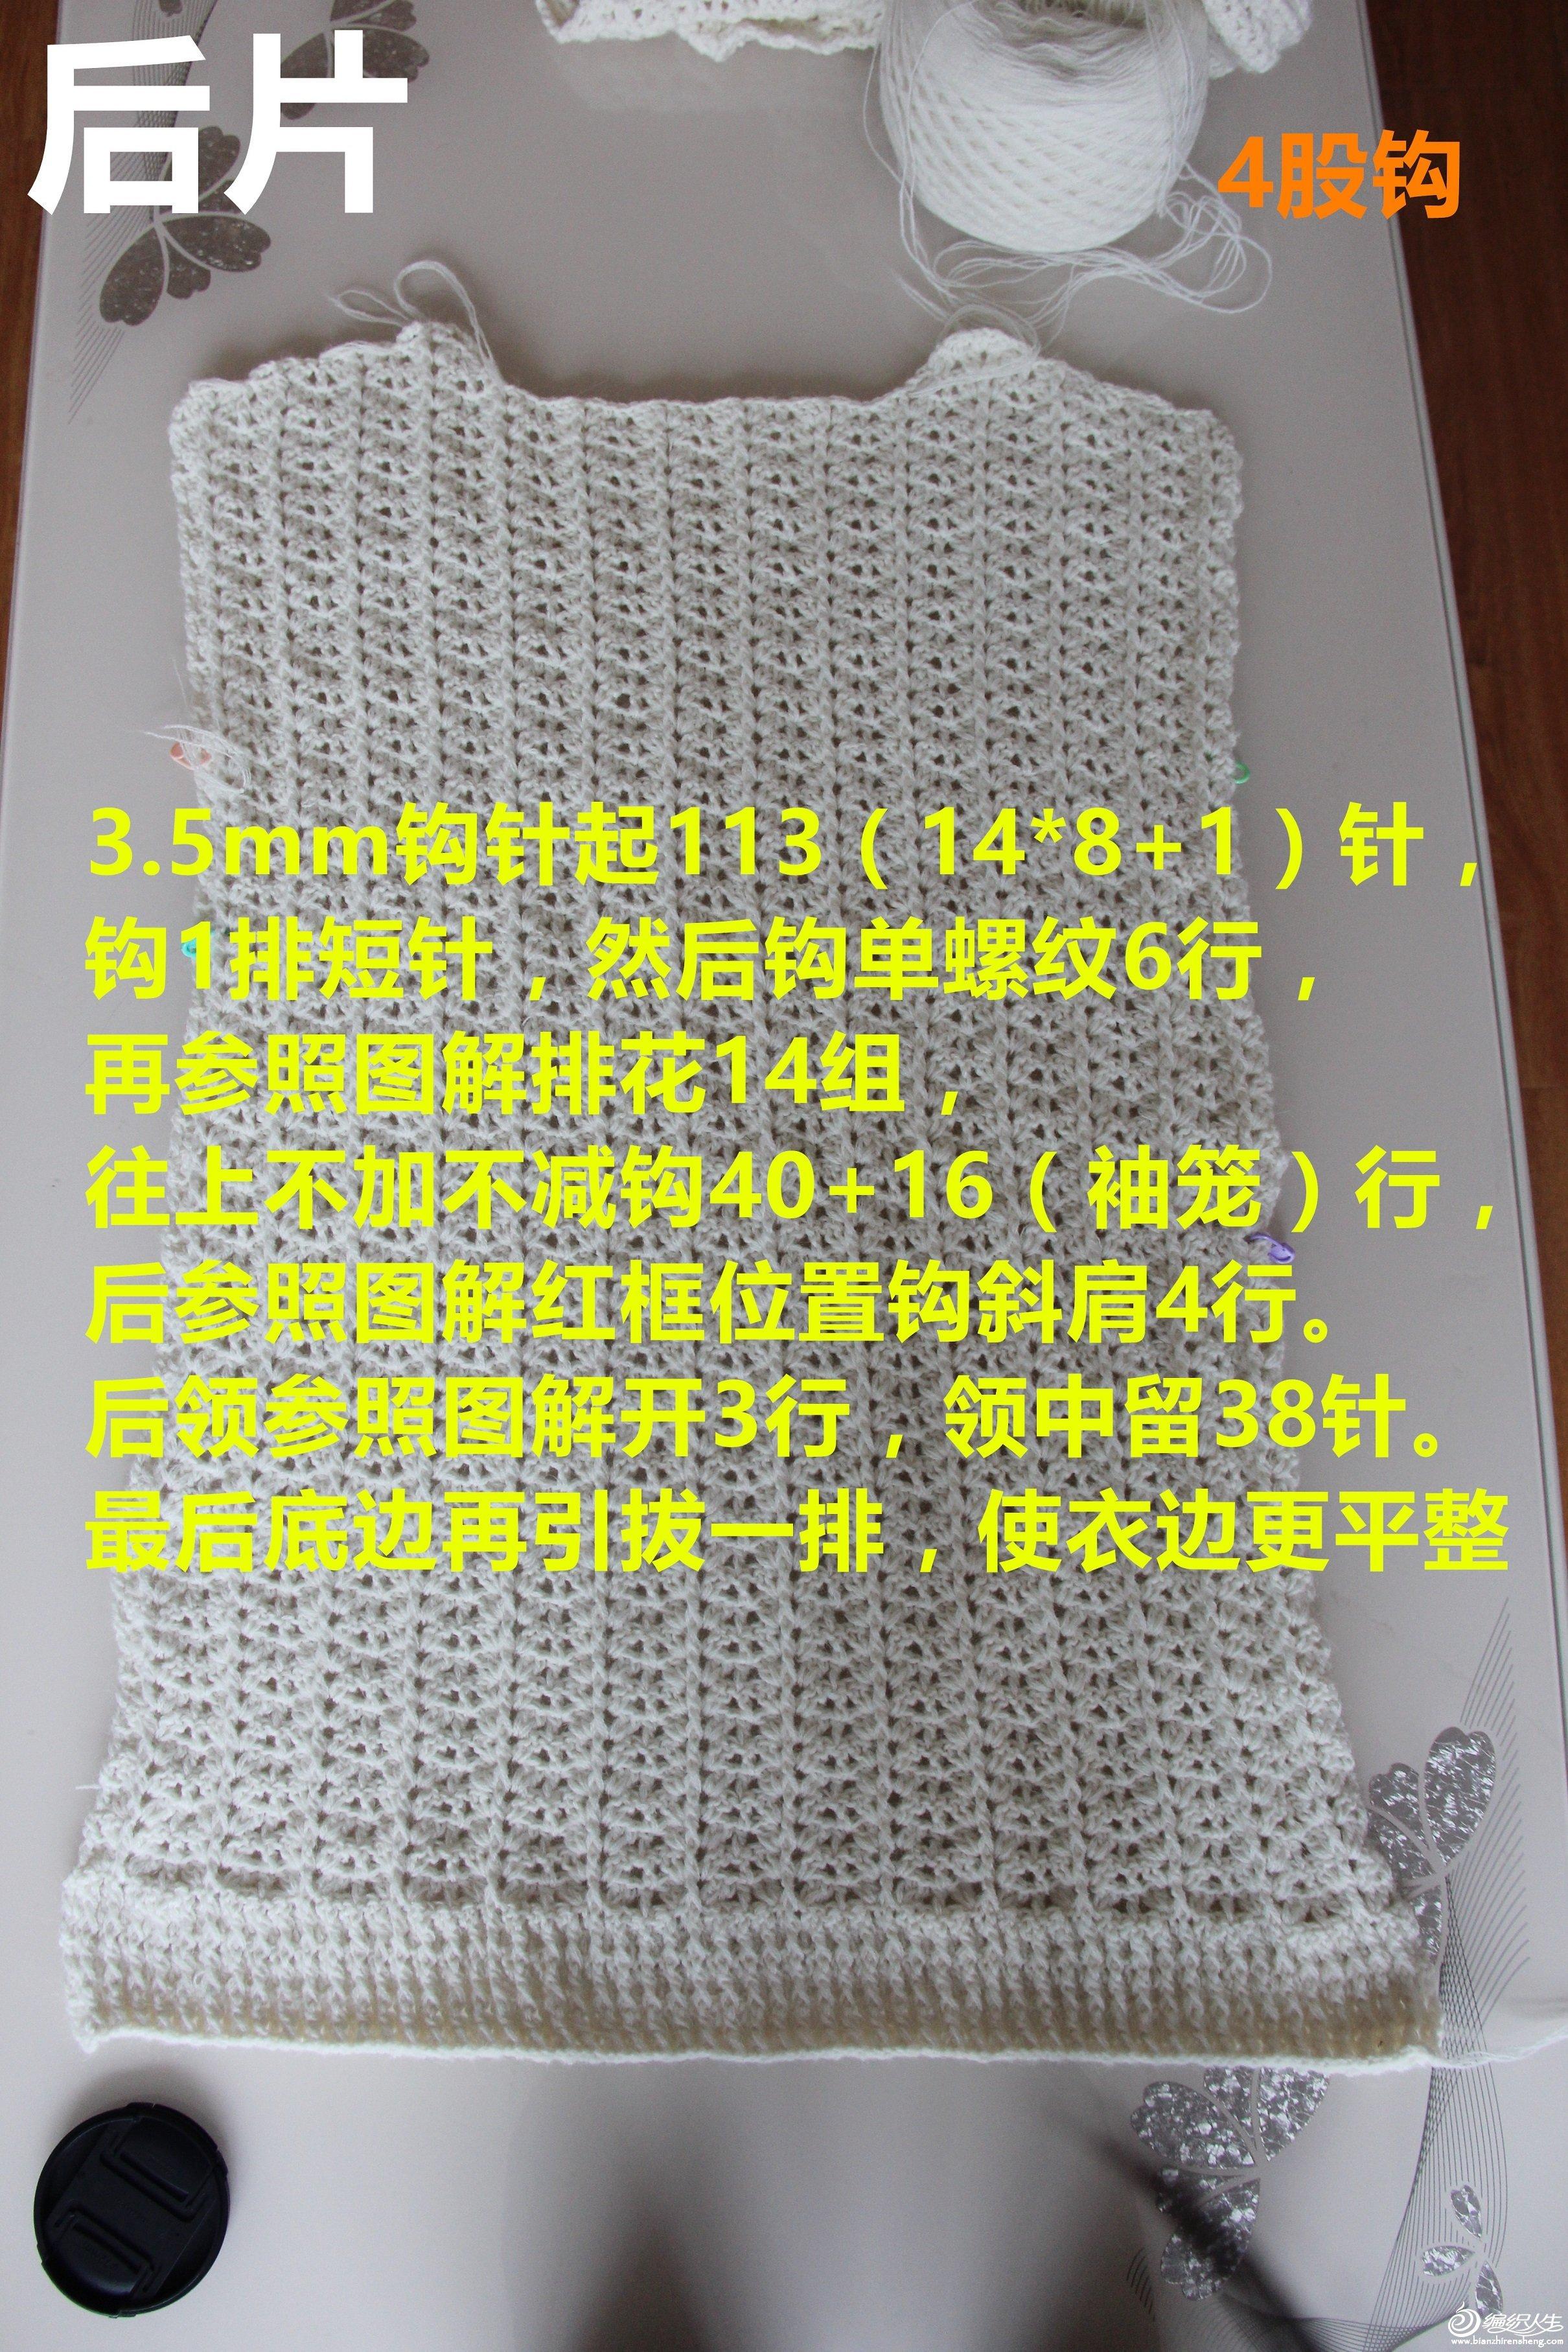 6631557048375816773.jpg